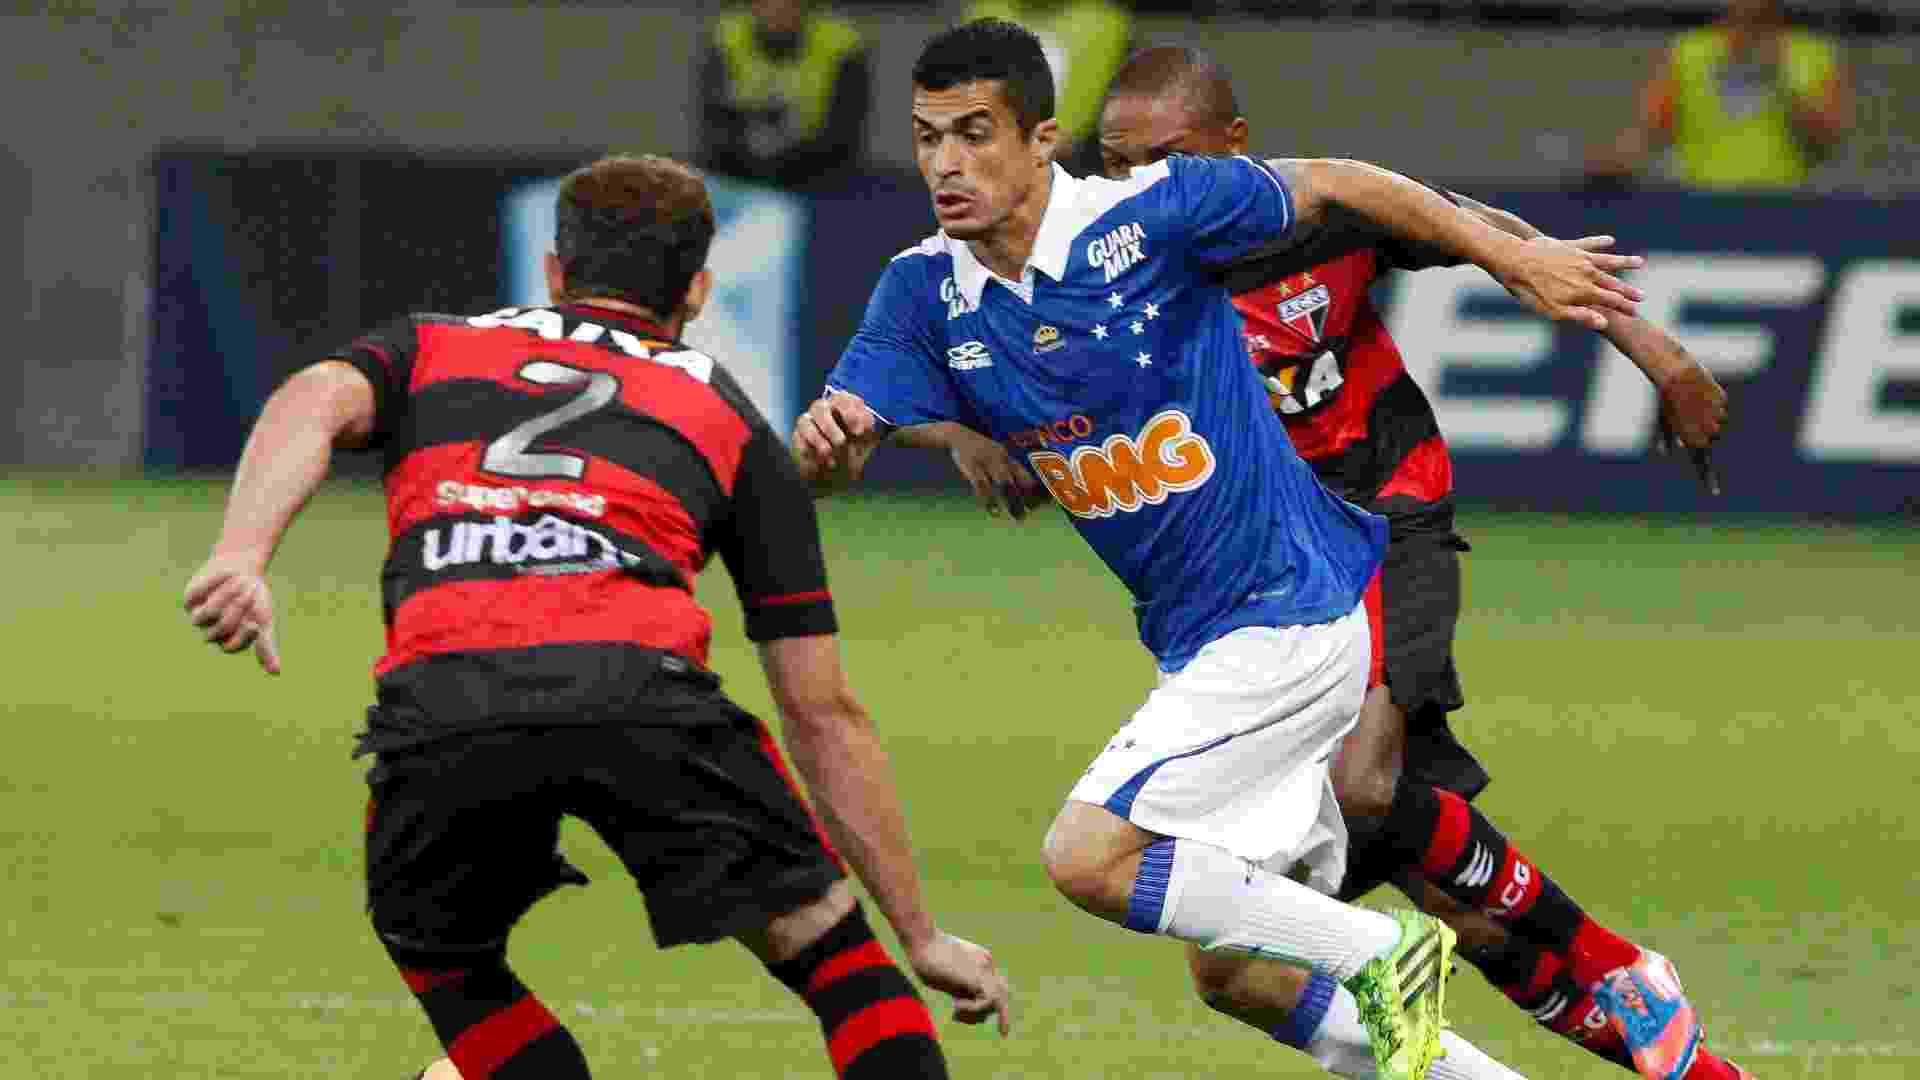 O Cruzeiro enfrenta o Atlético-GO nesta terça-feira pelo jogo de ida da terceira fase da Copa do Brasil. A equipe celeste tem 100% de aproveitamento jogando no Mineirão e deseja manter o atual retrospecto - Washington Alves/VIPCOMM